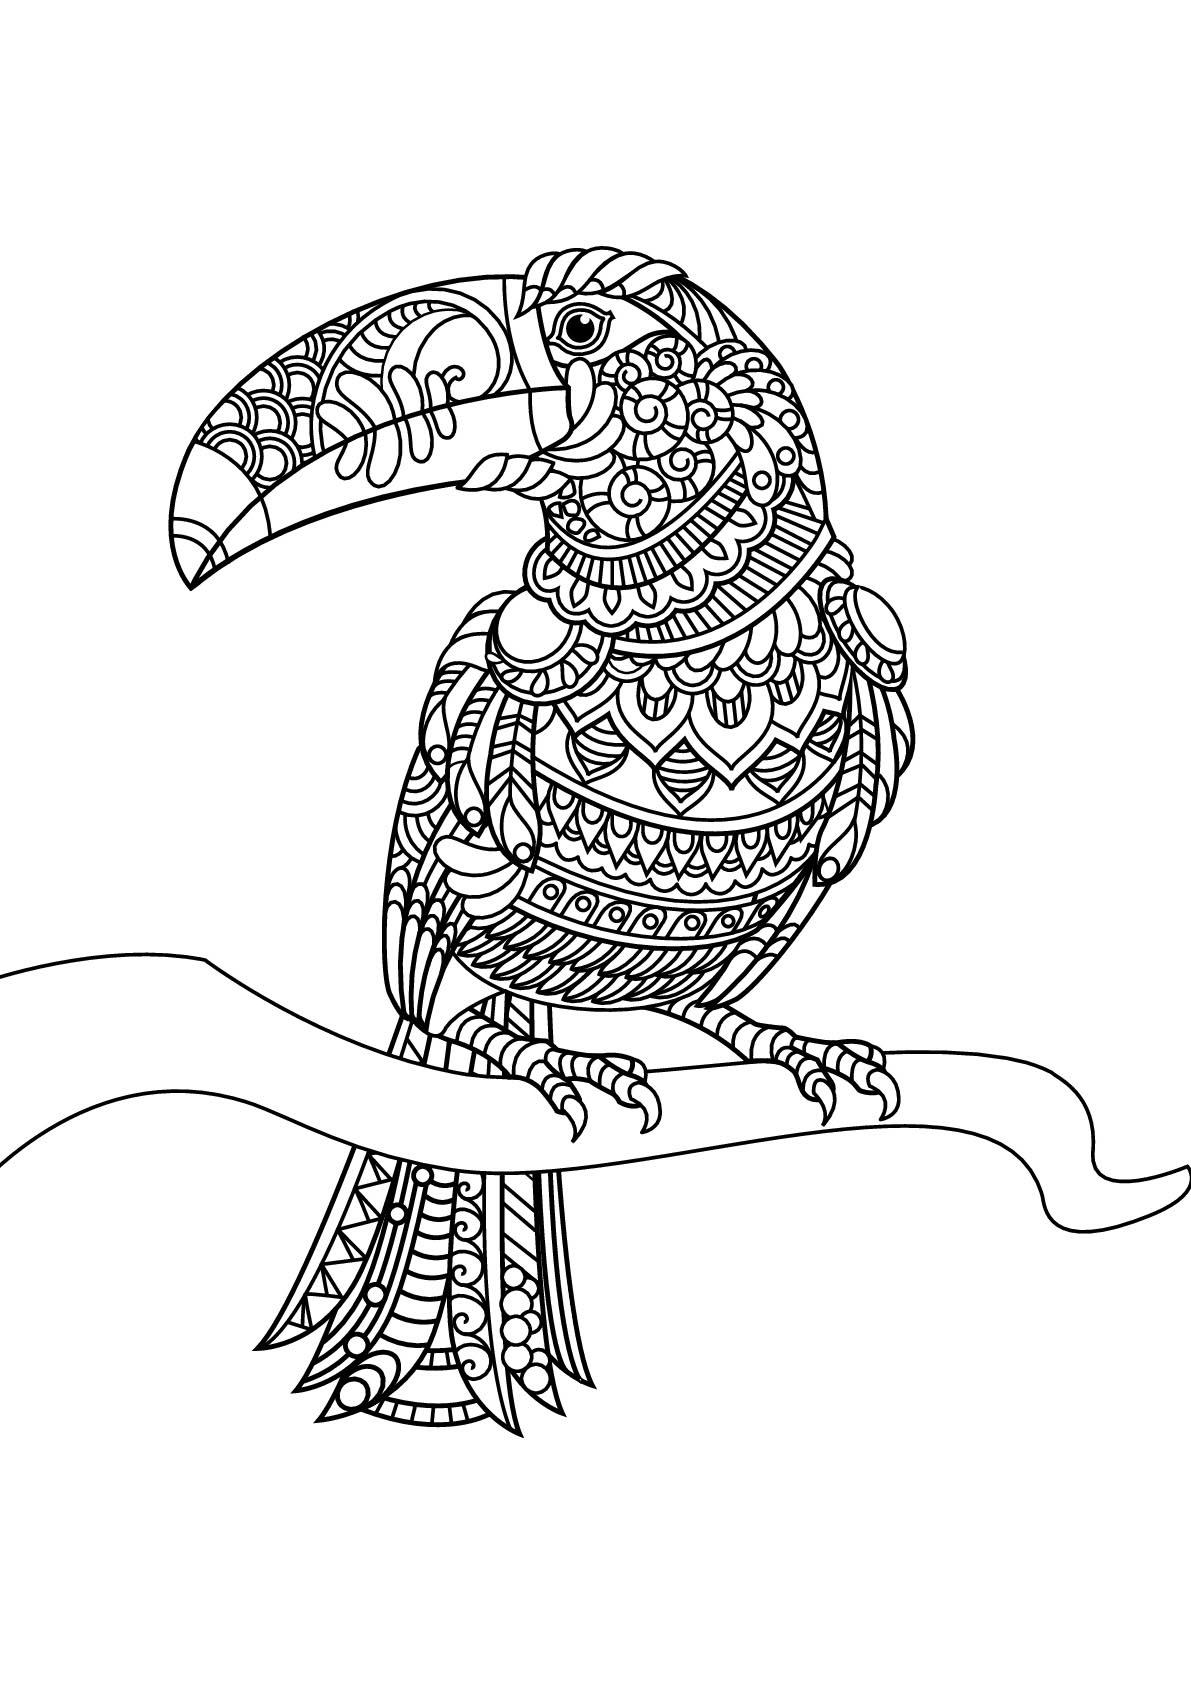 Tranh tô màu chim vẹt mỏ lớn nhiều họa tiết